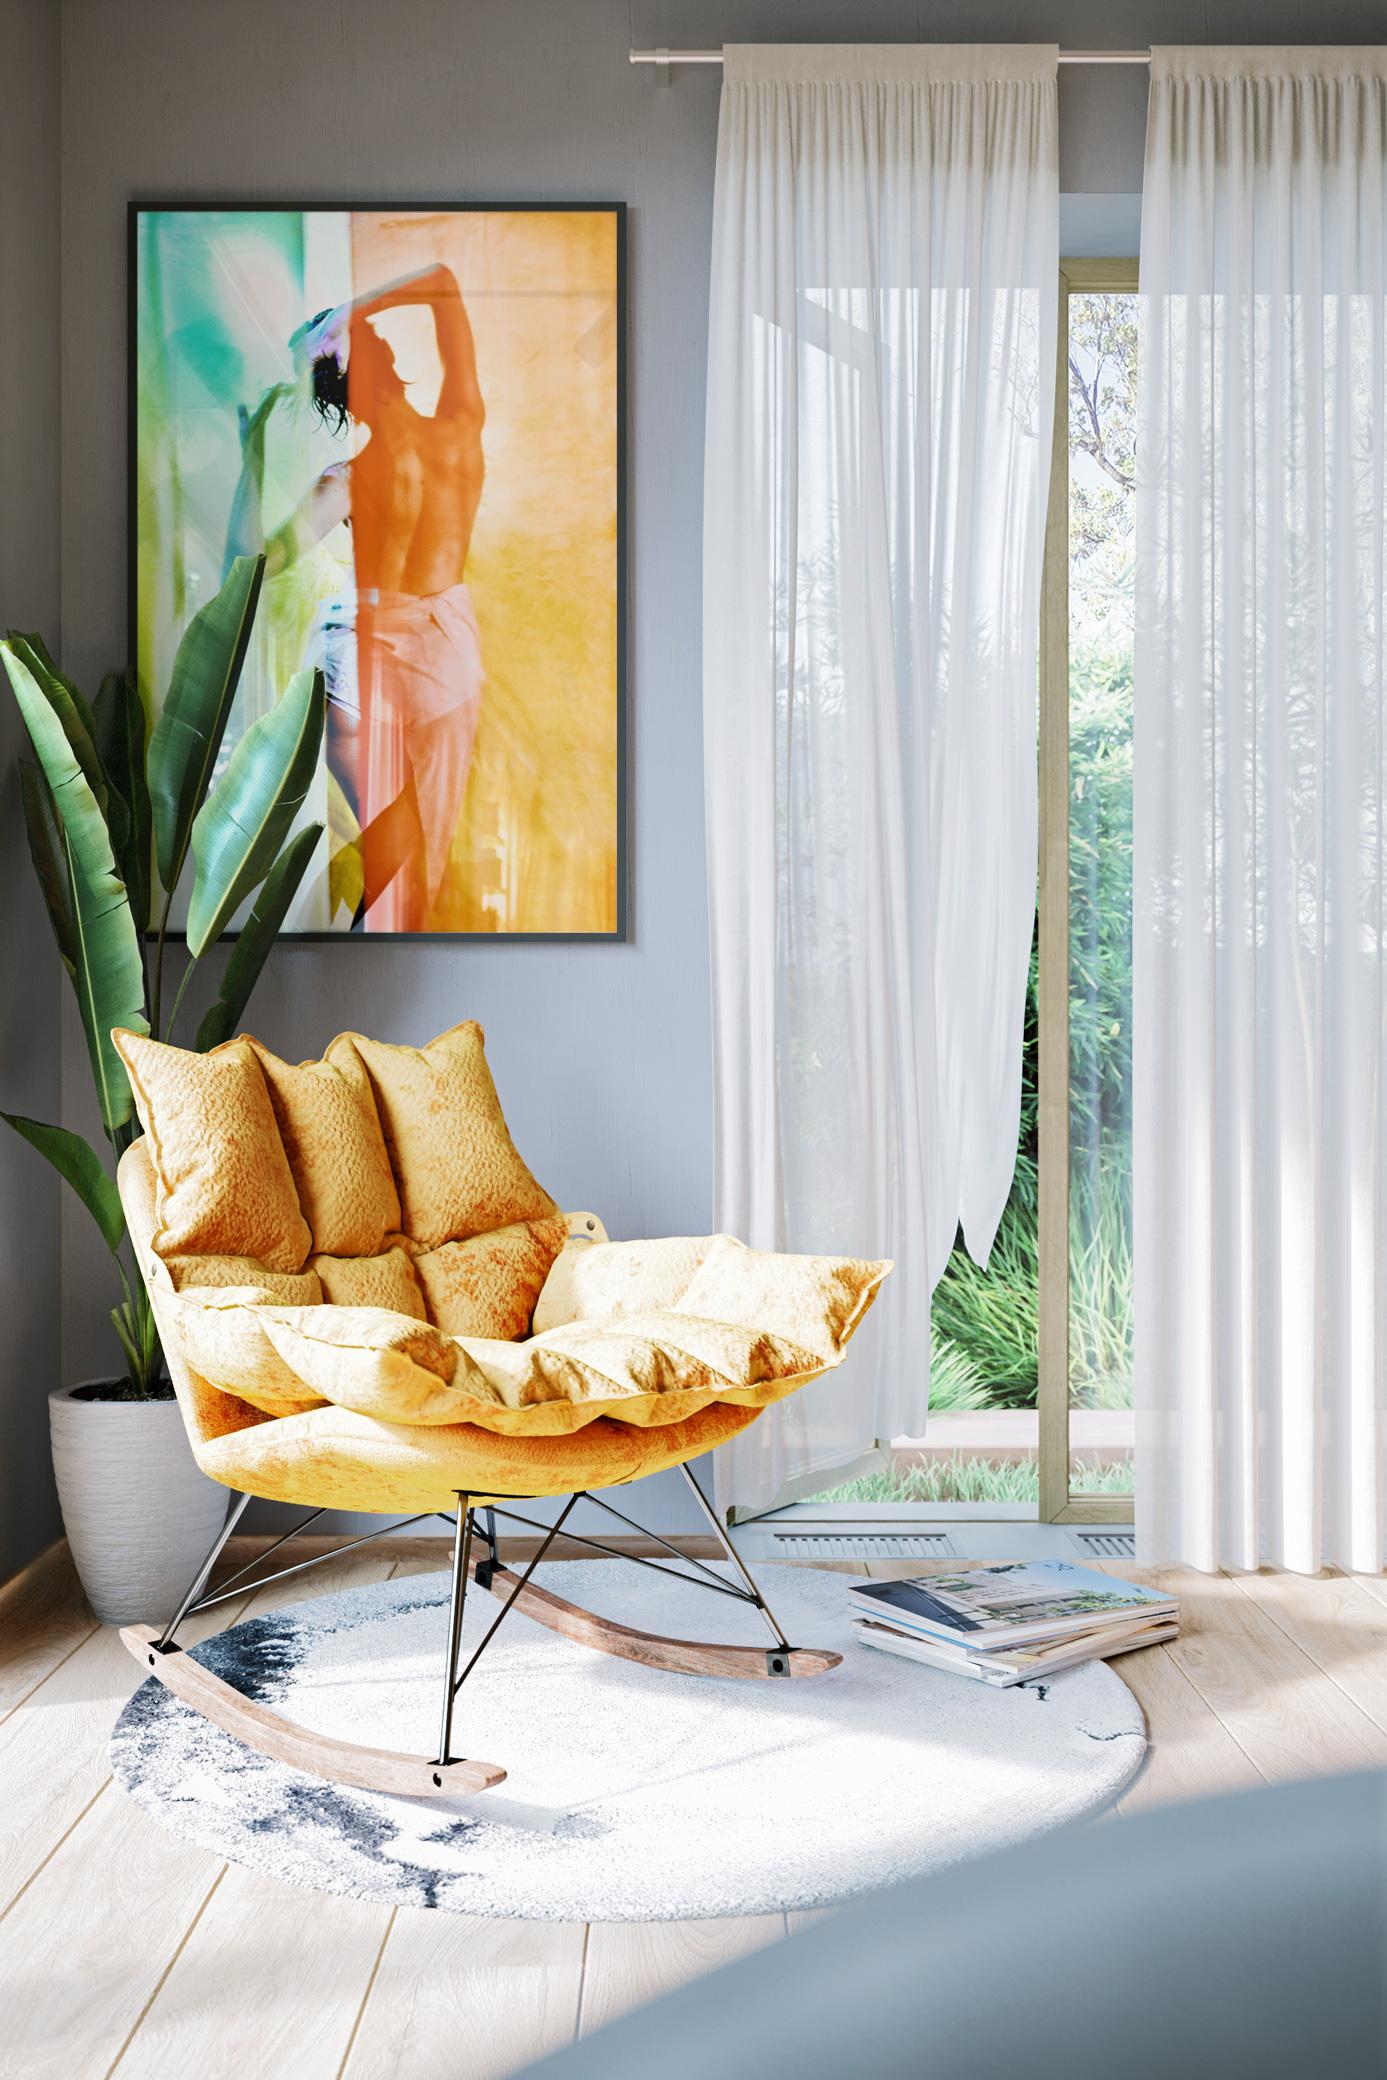 2DR_studio_200319_Garden-apartments_Opava_Rudolfs_003